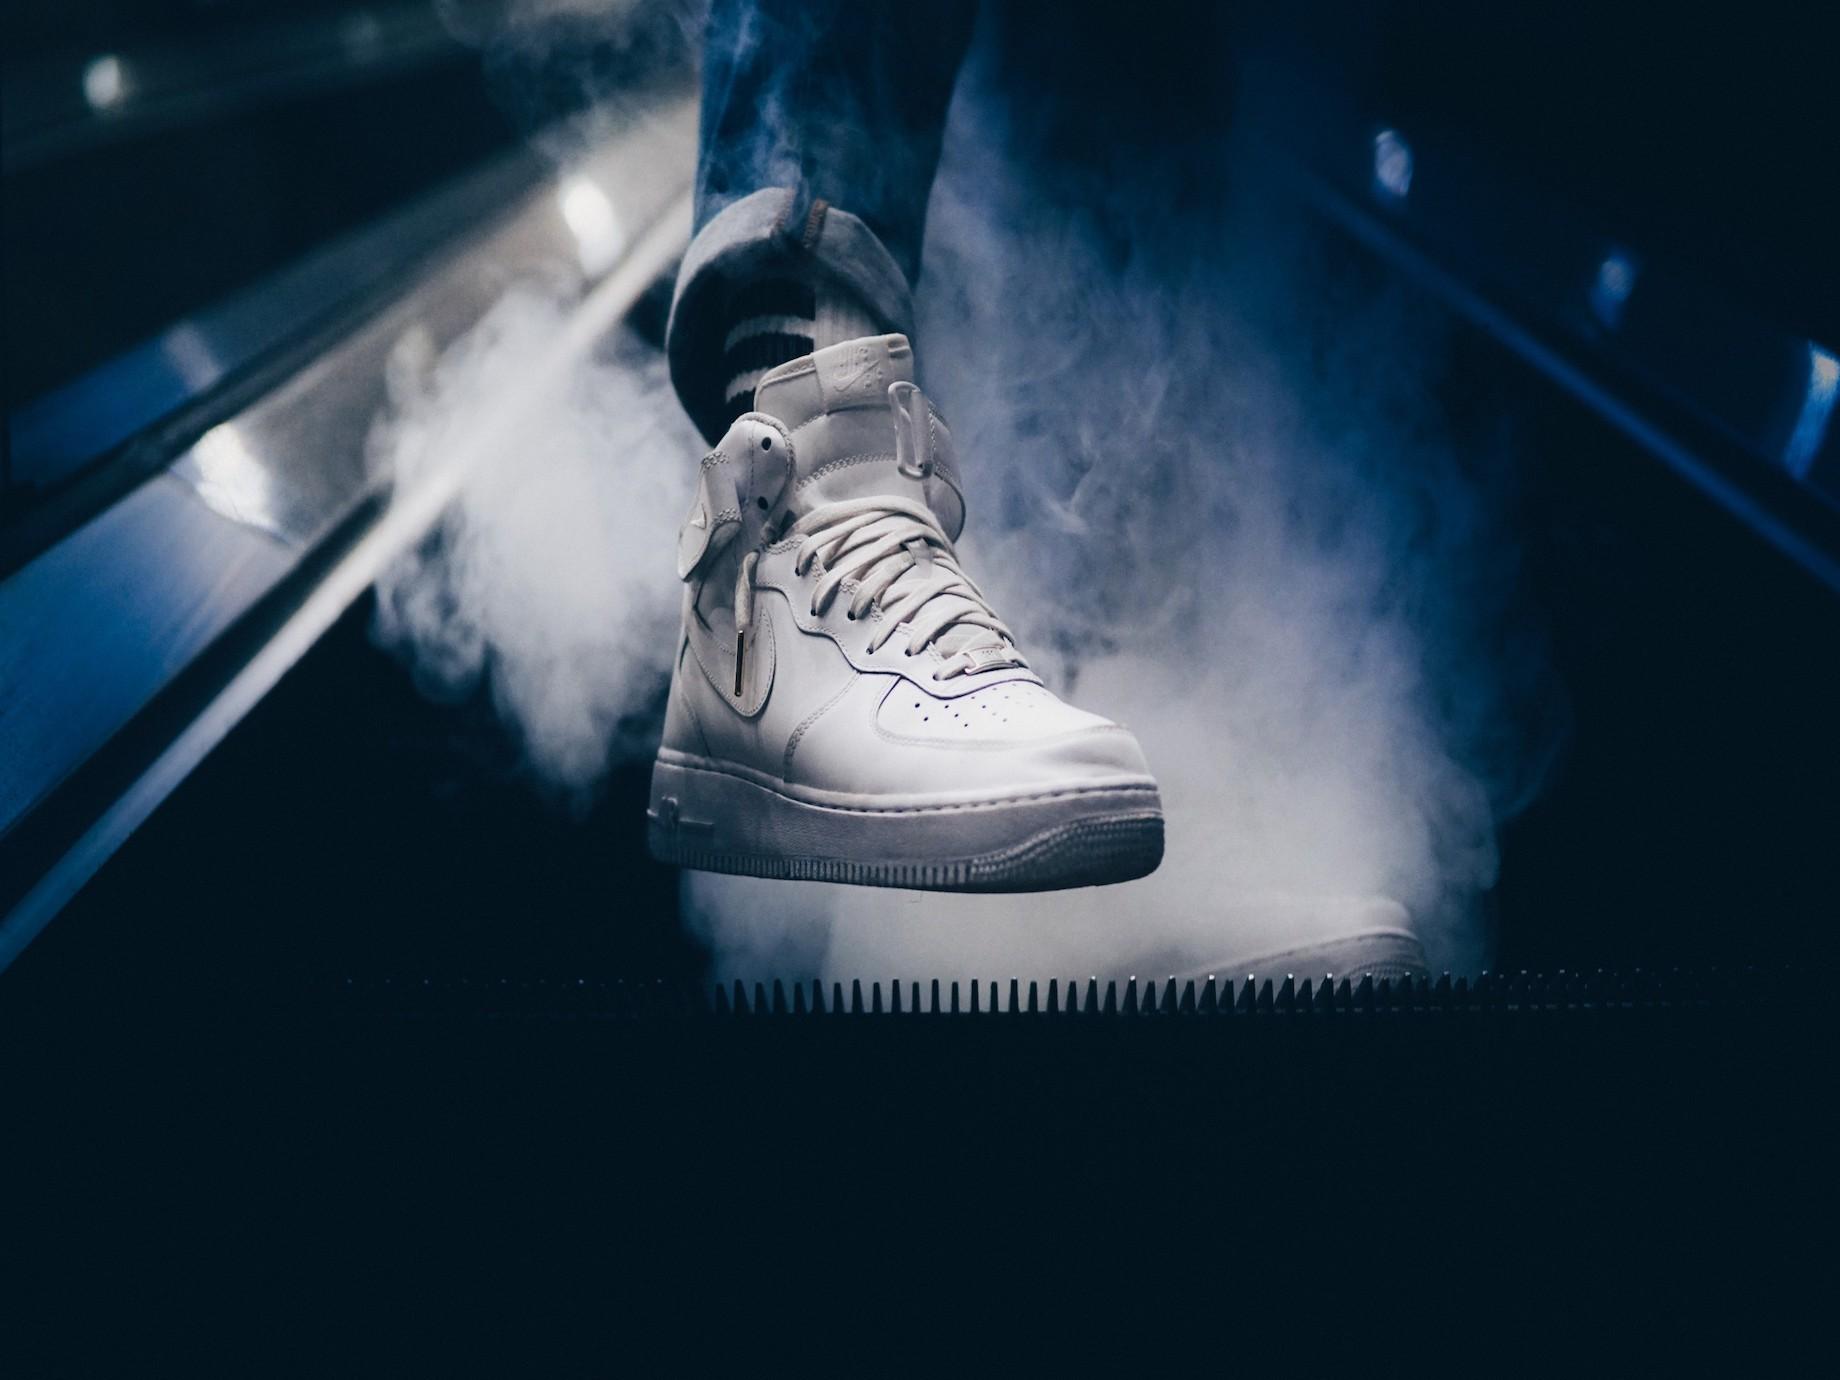 Nike發售智能球鞋,還稱不上高級玩家?